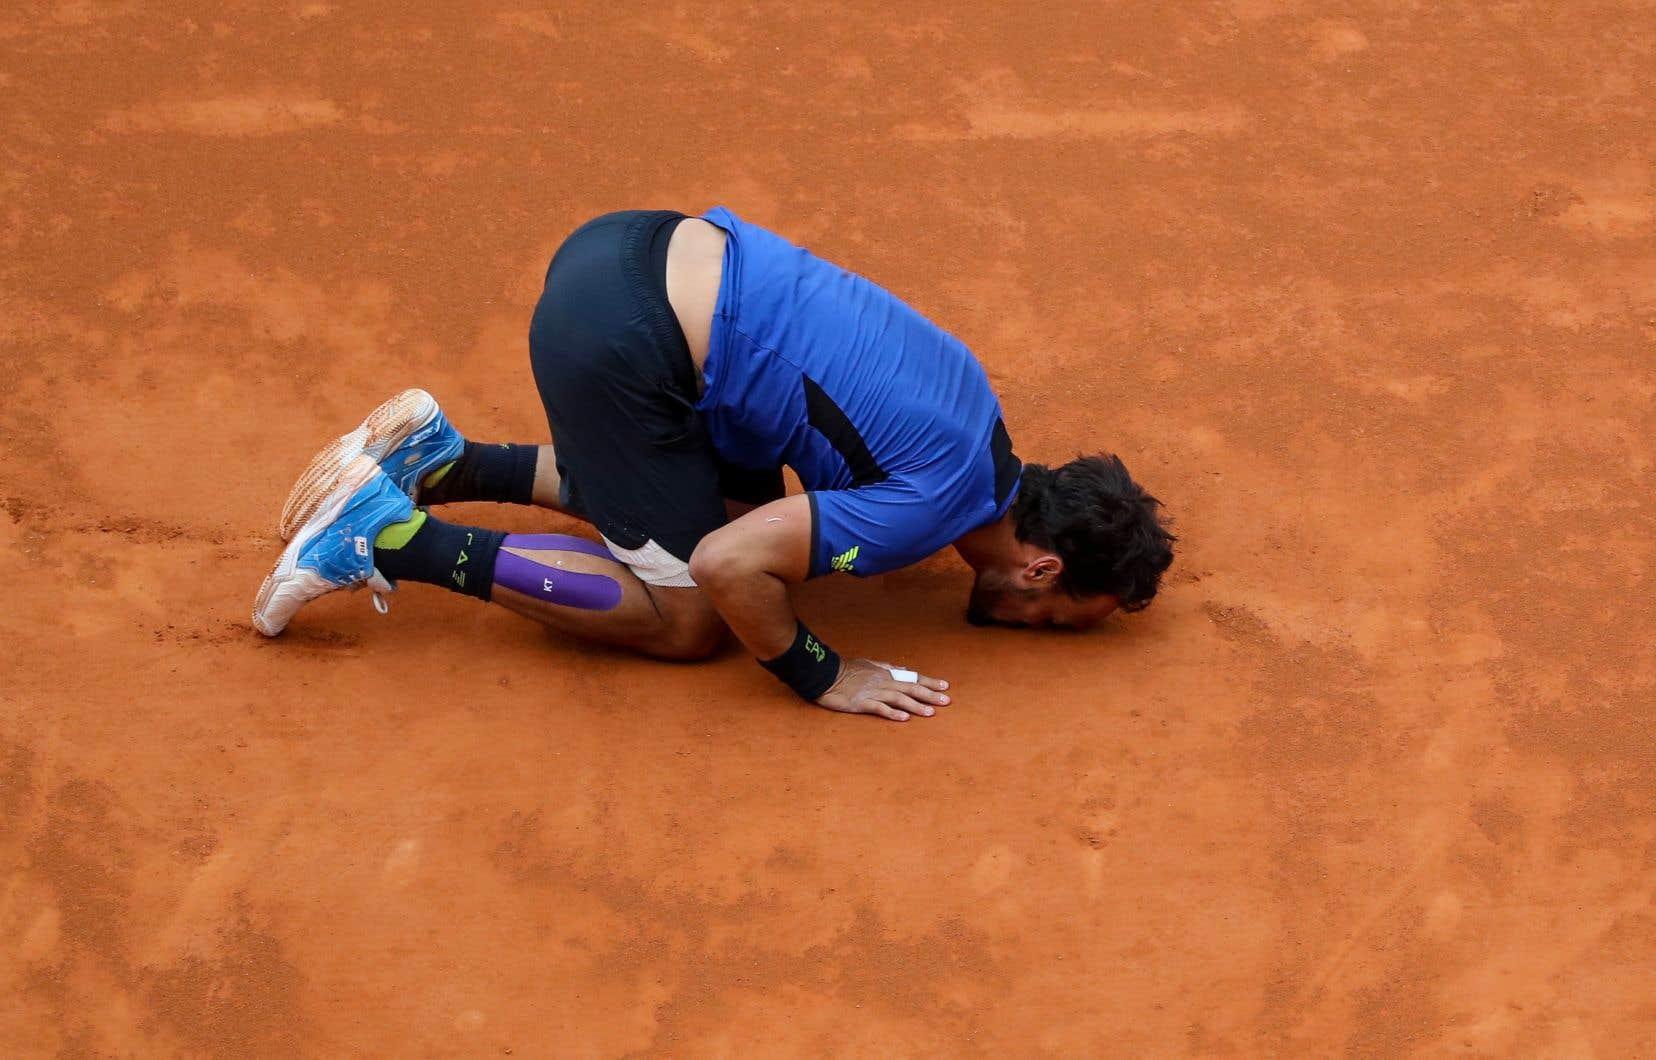 Après sa victoire,Fognini s'est agenouillé pour embrasser le sol.